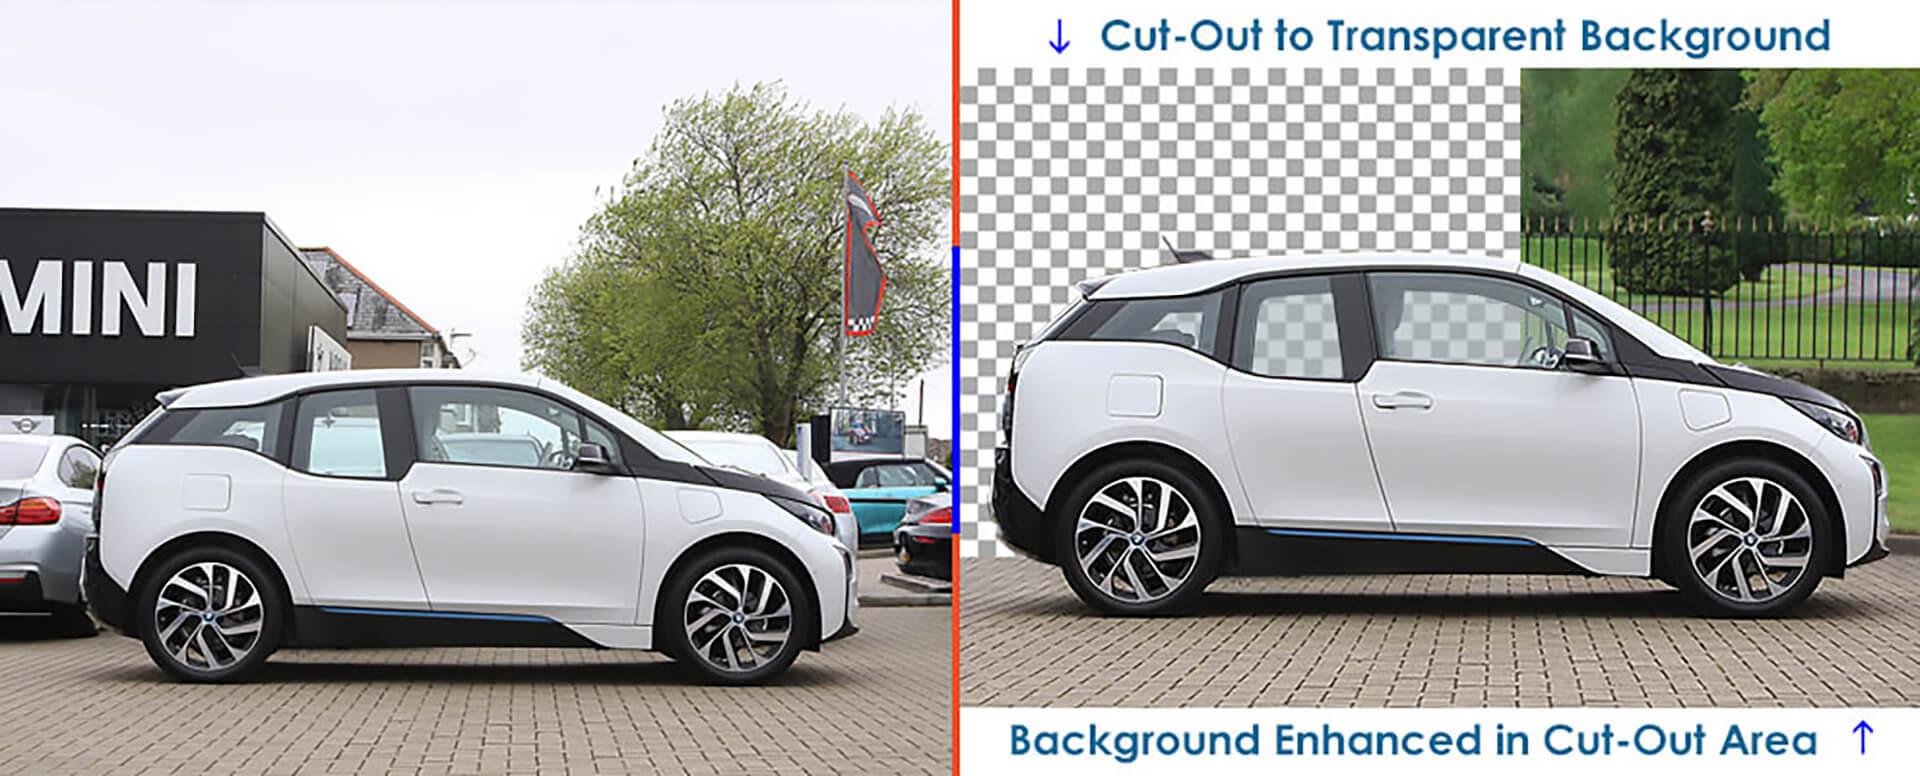 automobile car image cut-out service